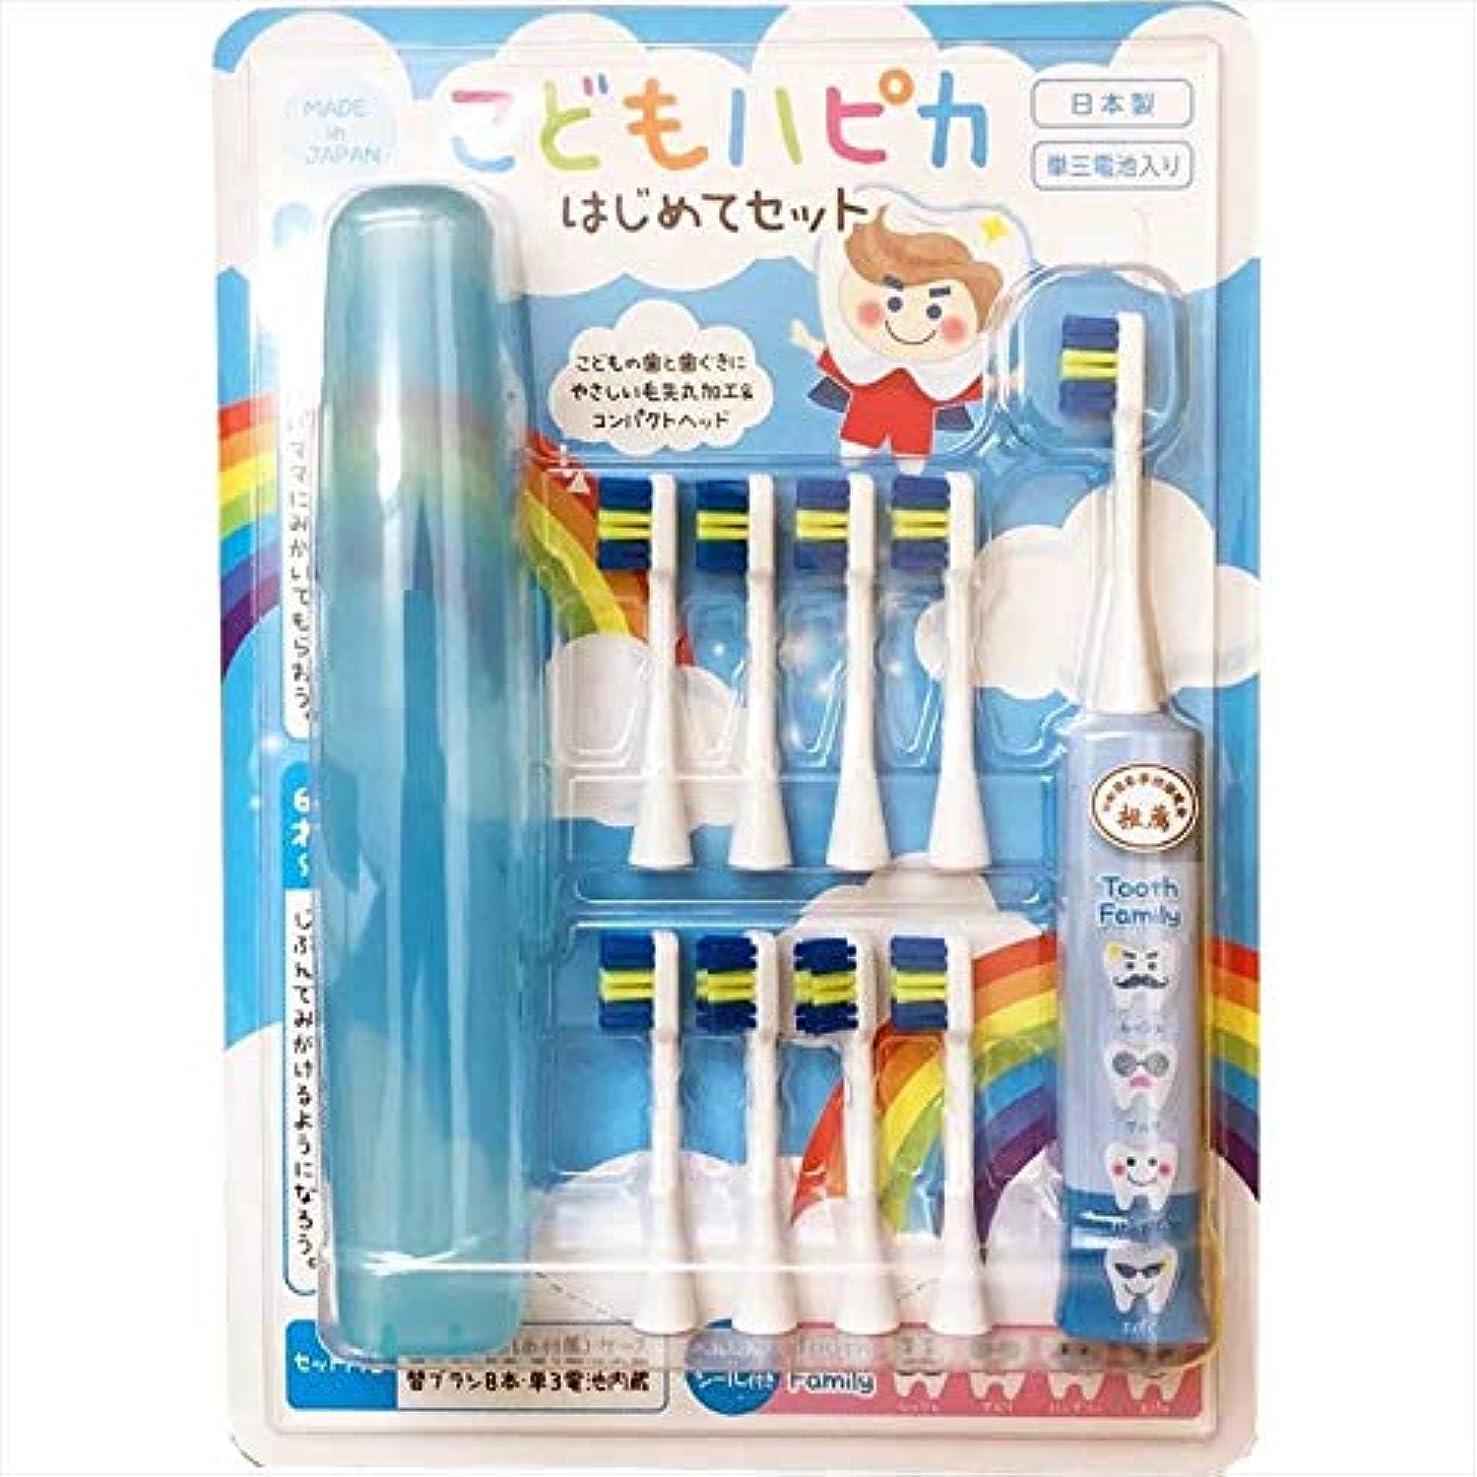 メイントリッキーシャイこどもハピカセット ブルー 子供用電動歯ブラシ